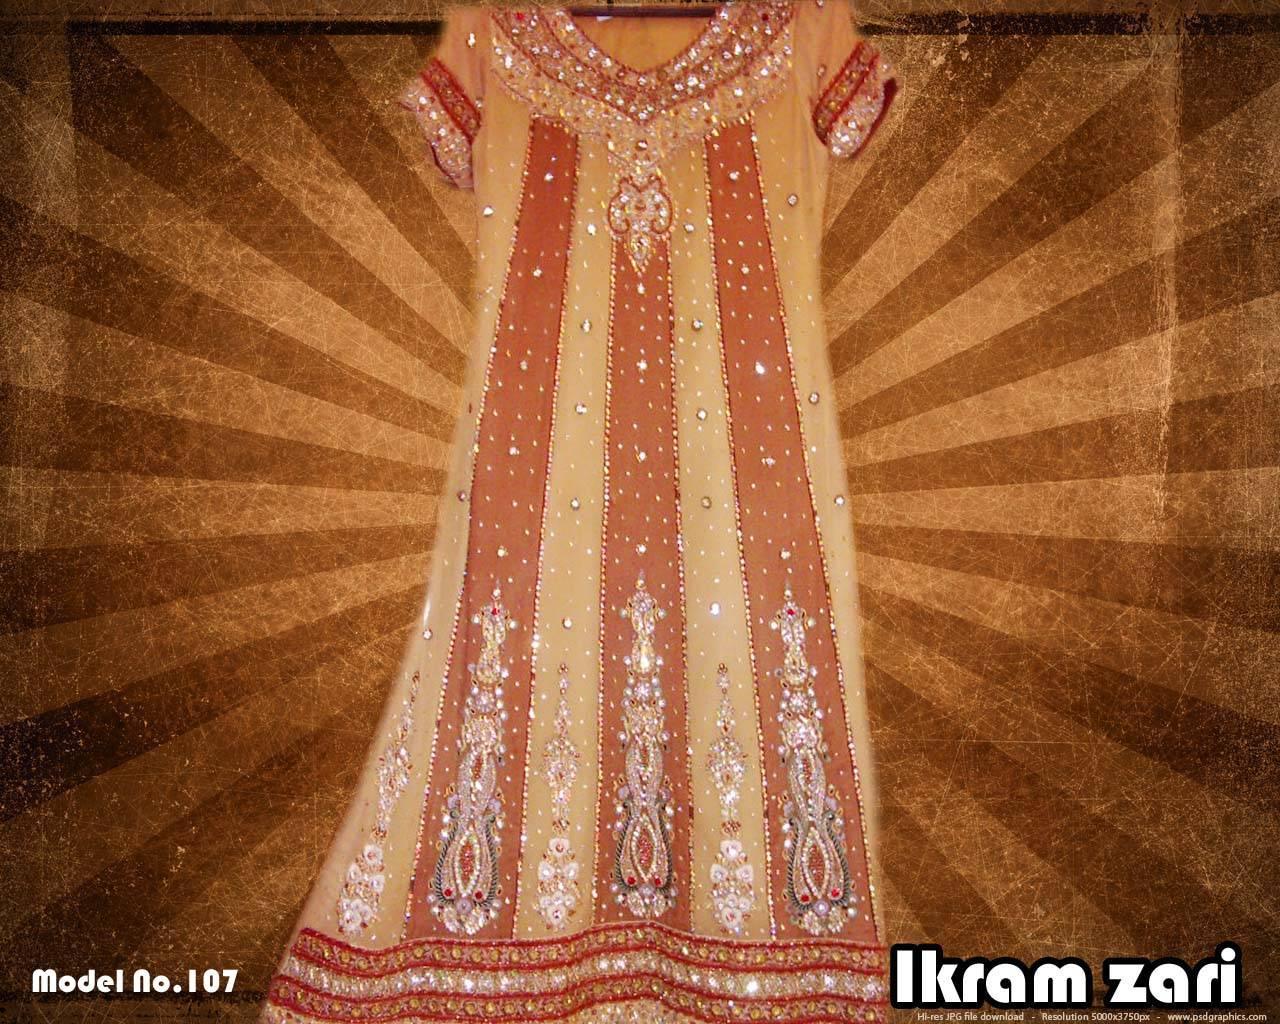 Ladies Fancy Boutique Style Dress Ikram Zari